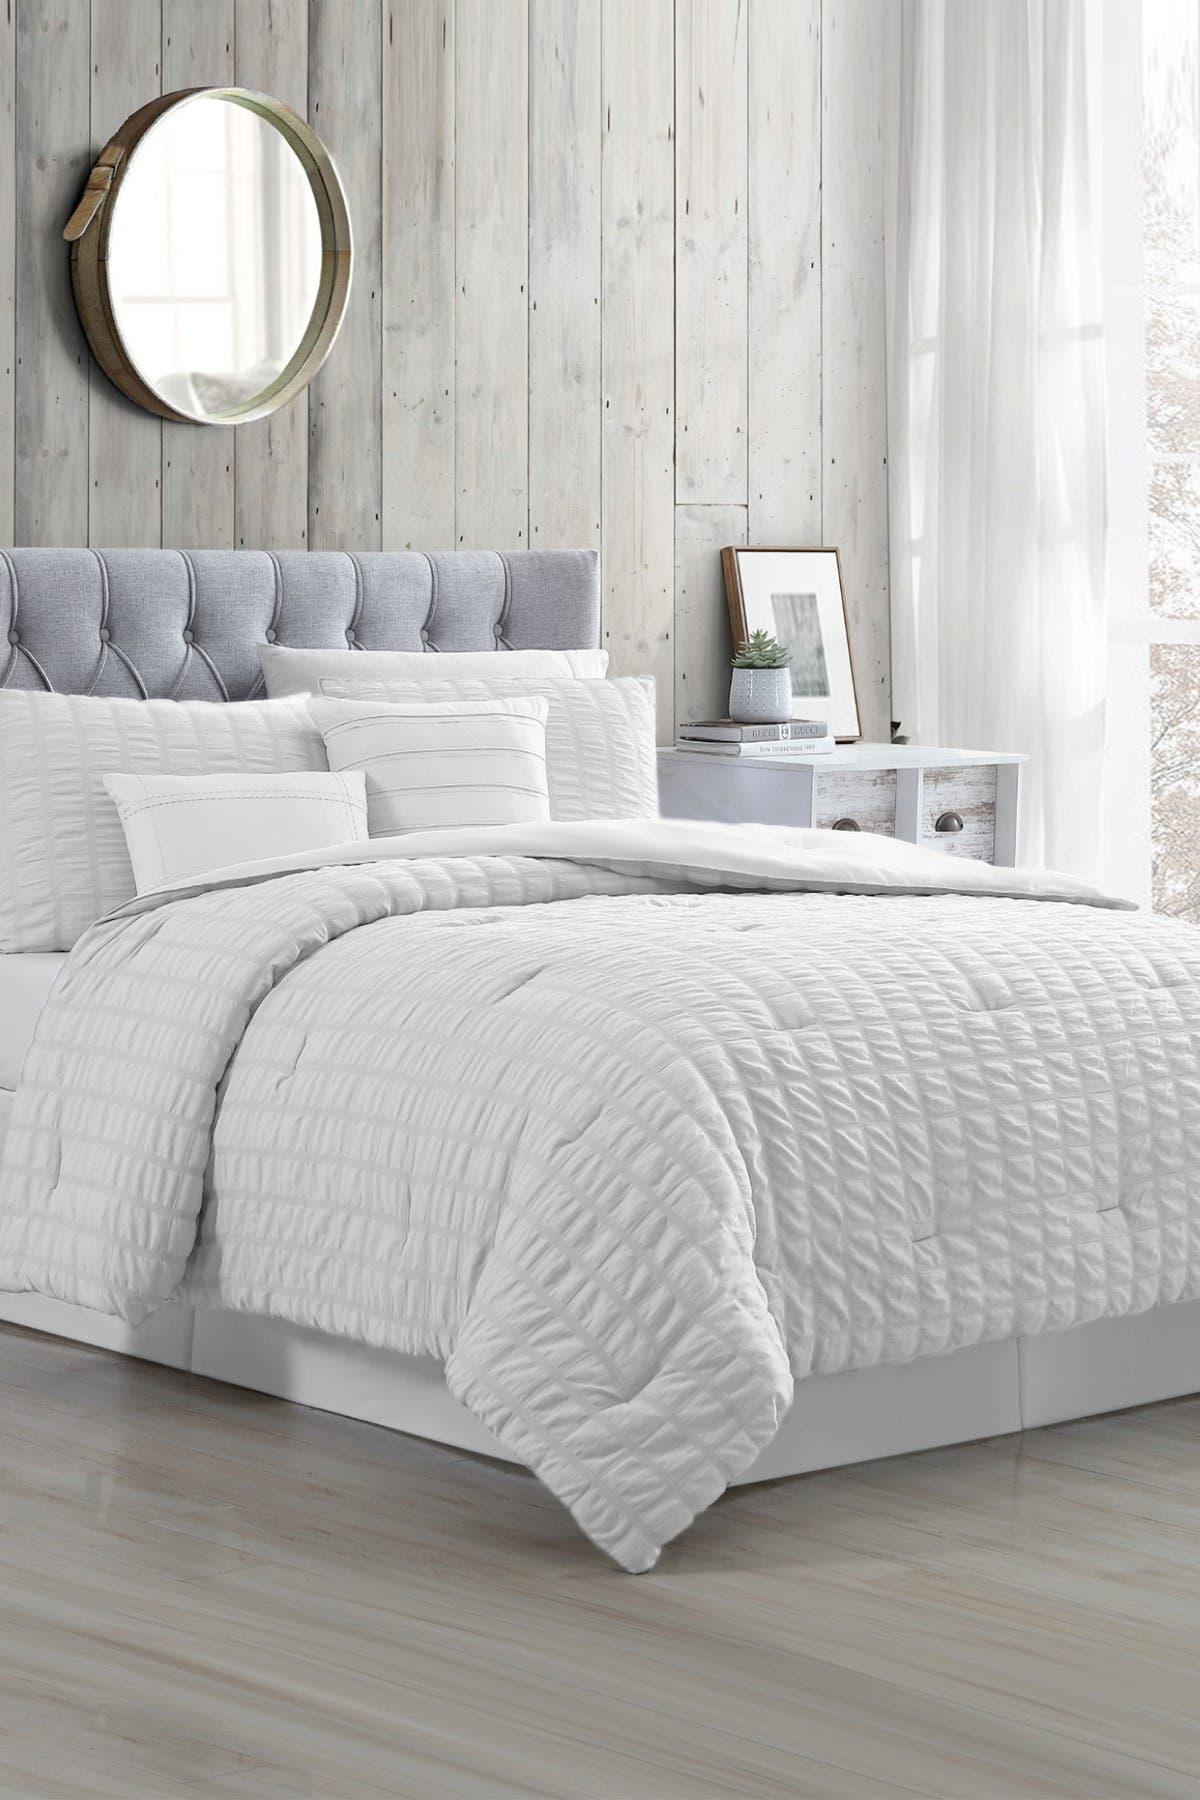 Image of Modern Threads 5-Piece Seersucker Comforter Set - Kane White - Queen